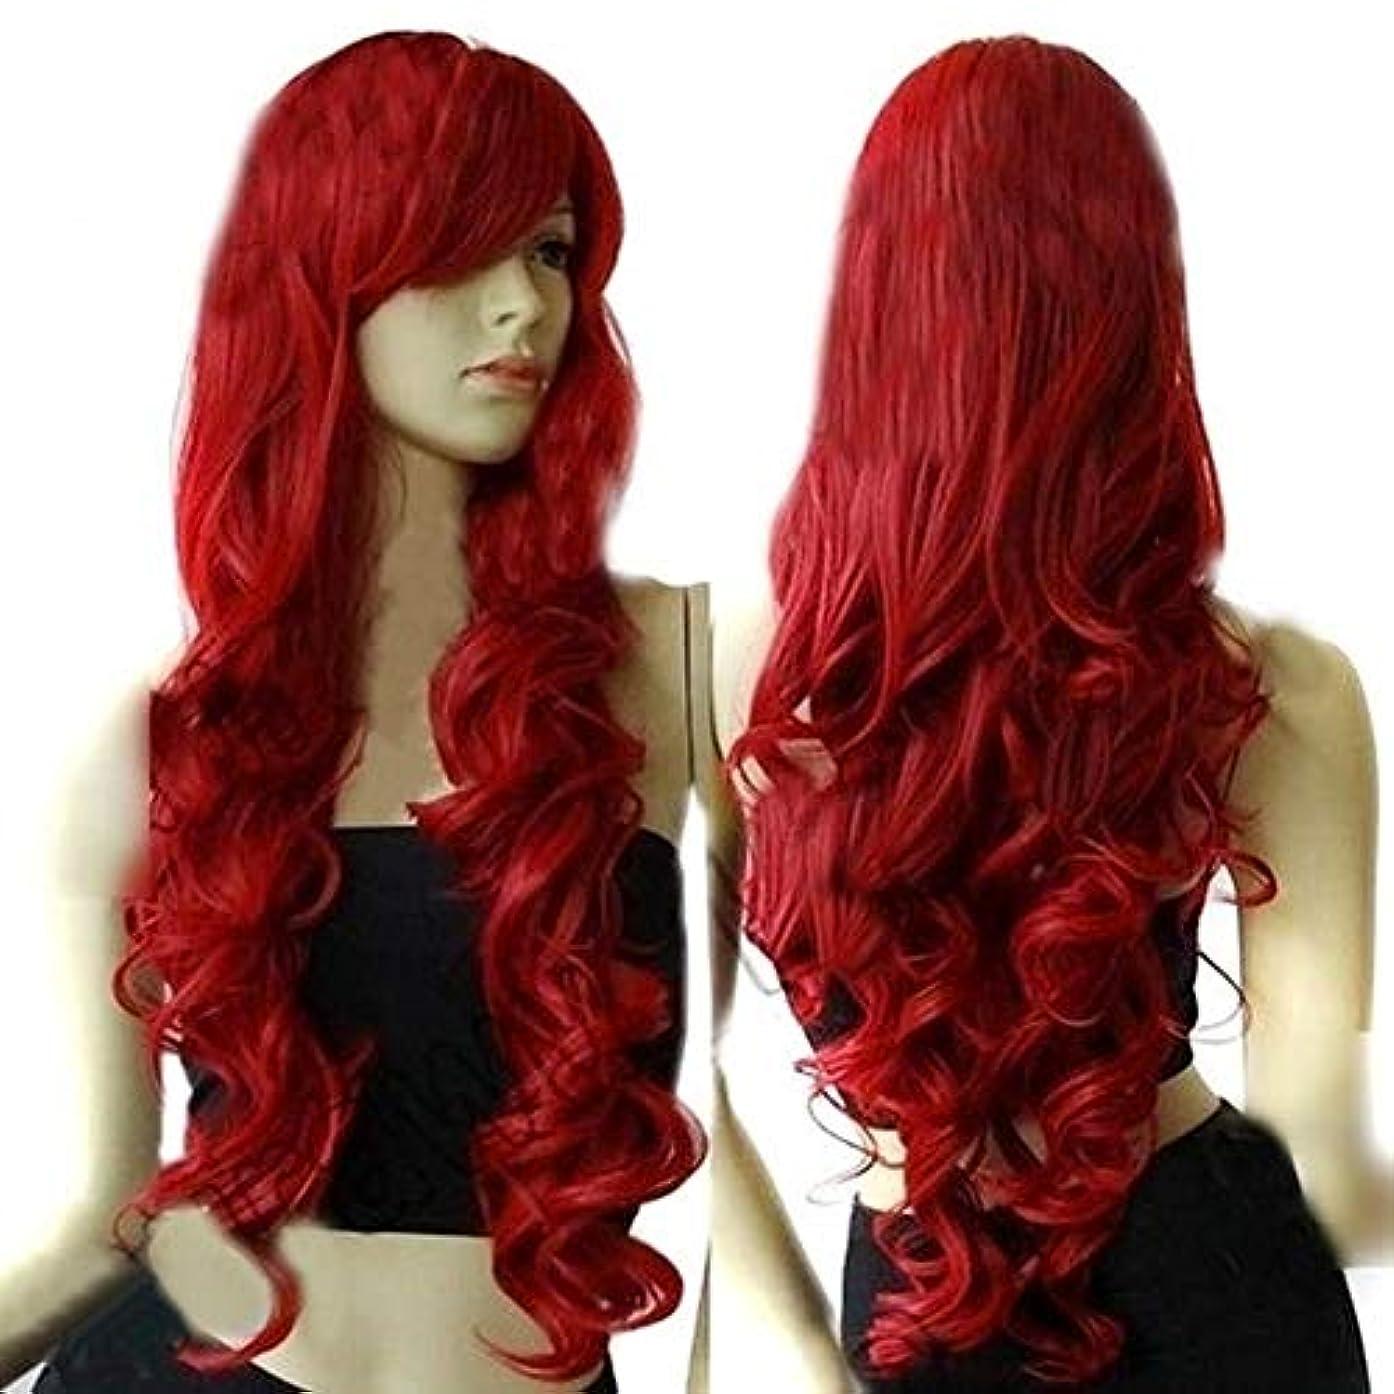 誰でも悪夢挨拶するslQinjiansav女性ウィッグ修理ツールファッション女性ロングカーリーワイン赤ウィッグコスプレパーティーヘアピースヘアエクステンション